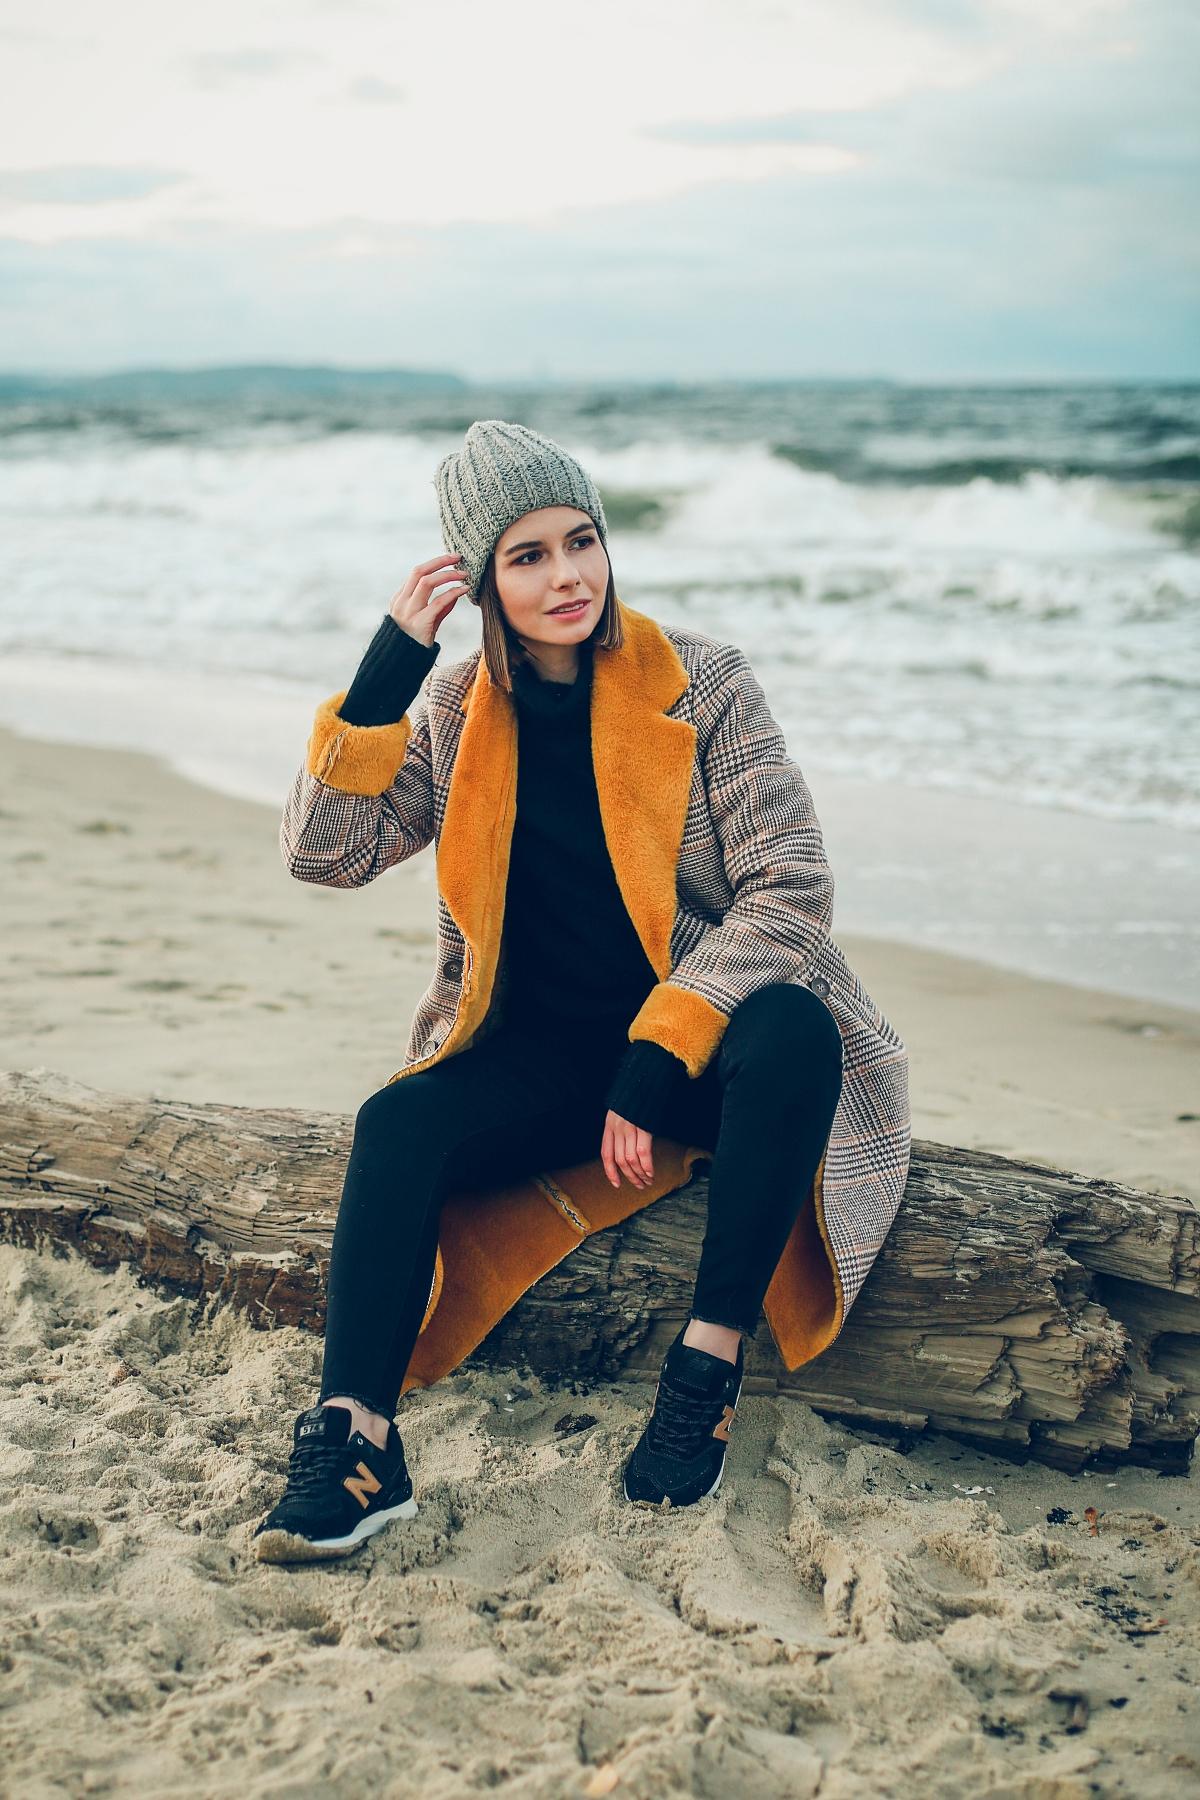 zimowy płaszcz z kożuchem buty new balance sesja nad morzem